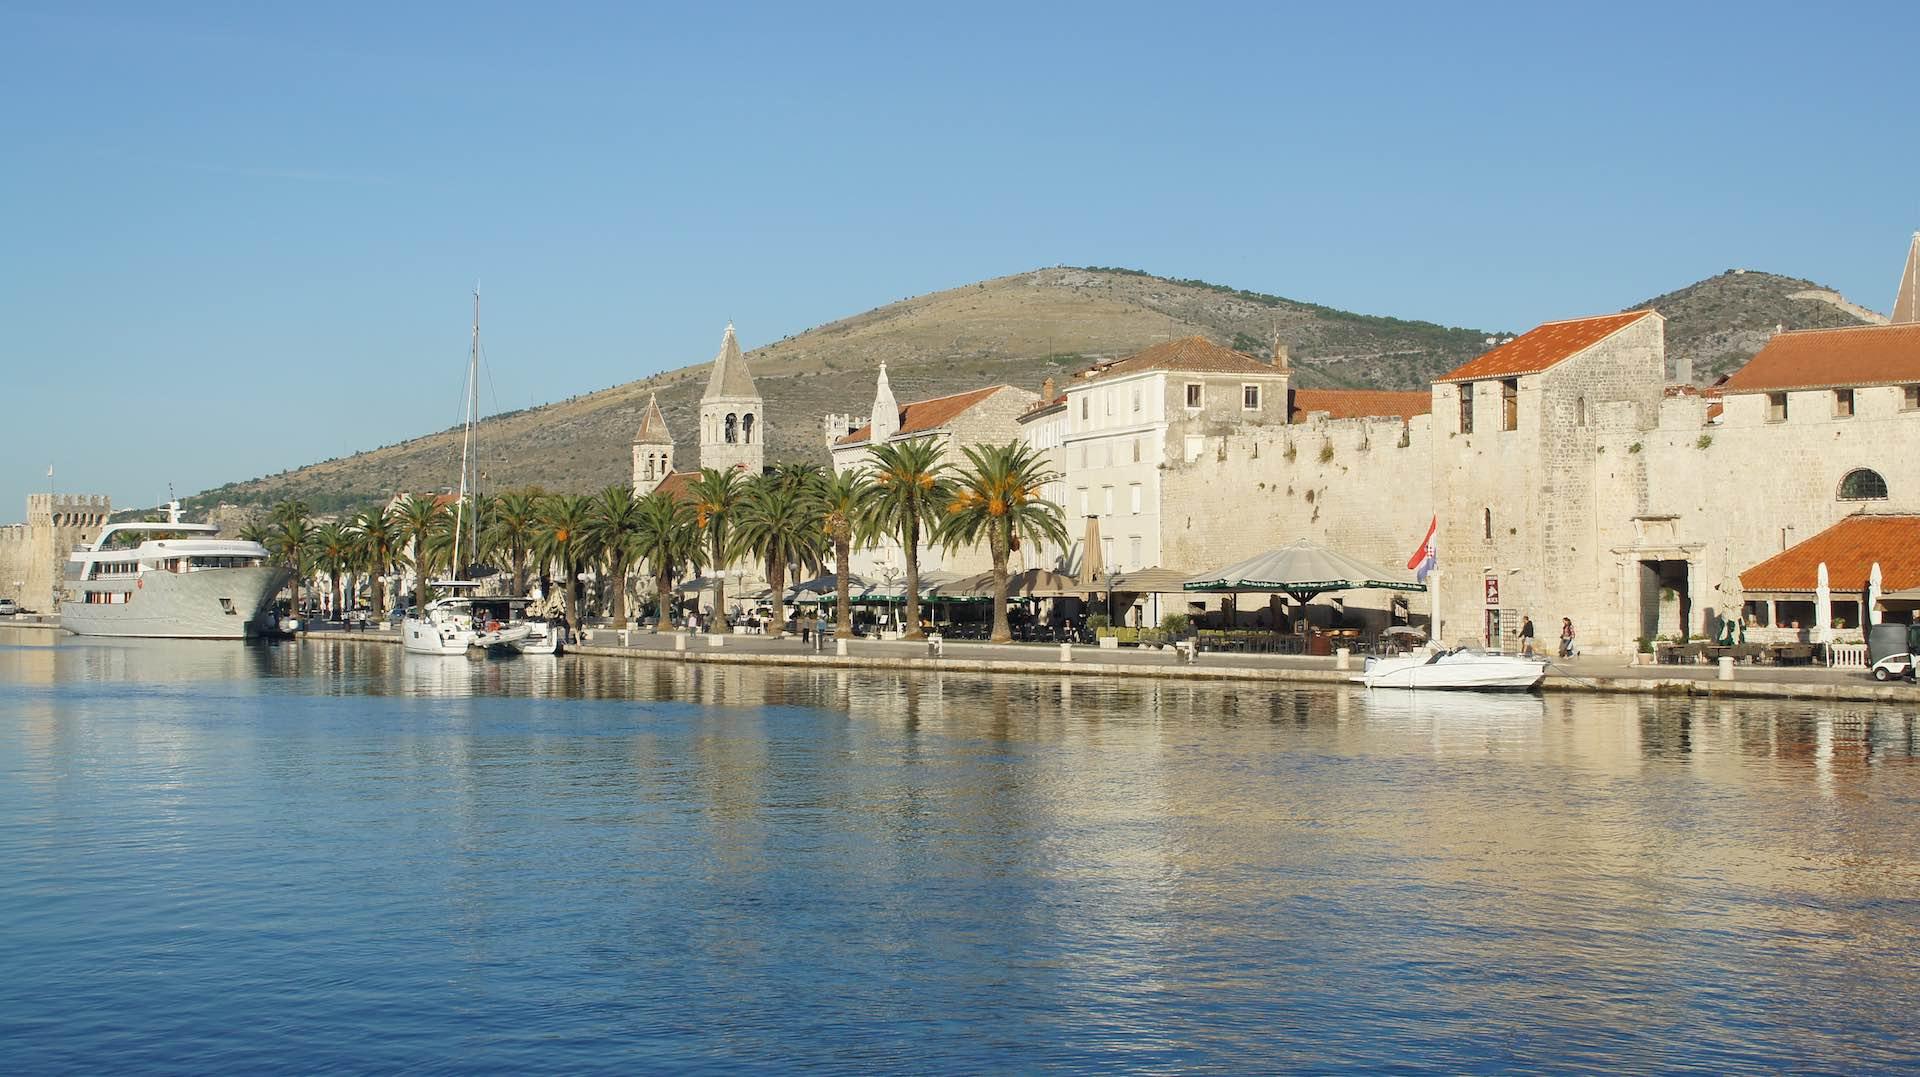 Blick auf die historische Altstadt in Trogir